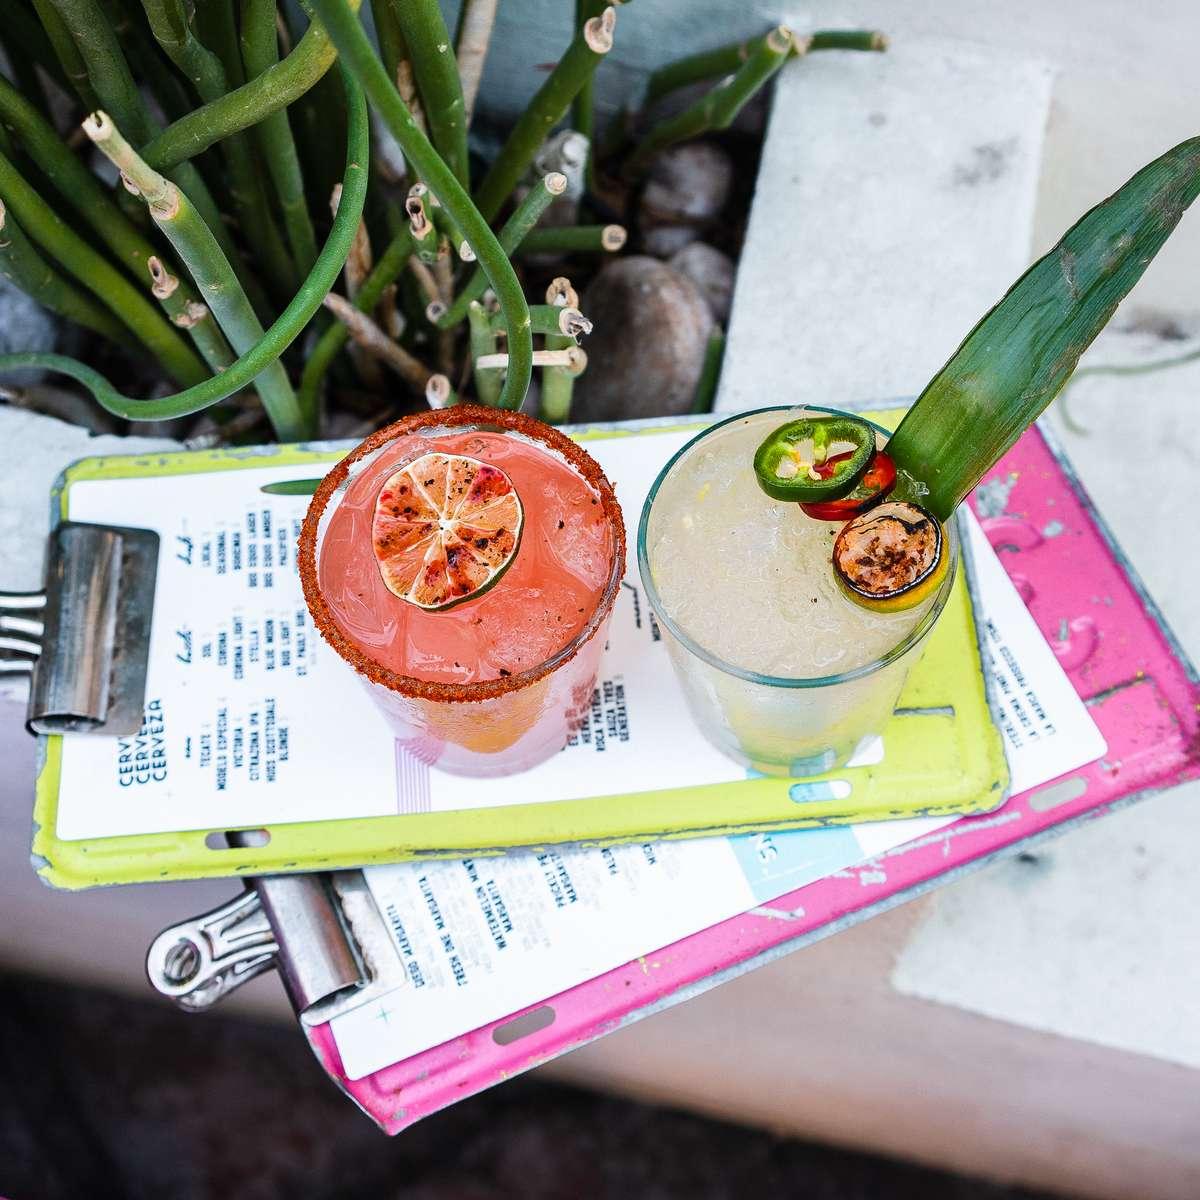 Best Margaritas in Old Town Scottsdale